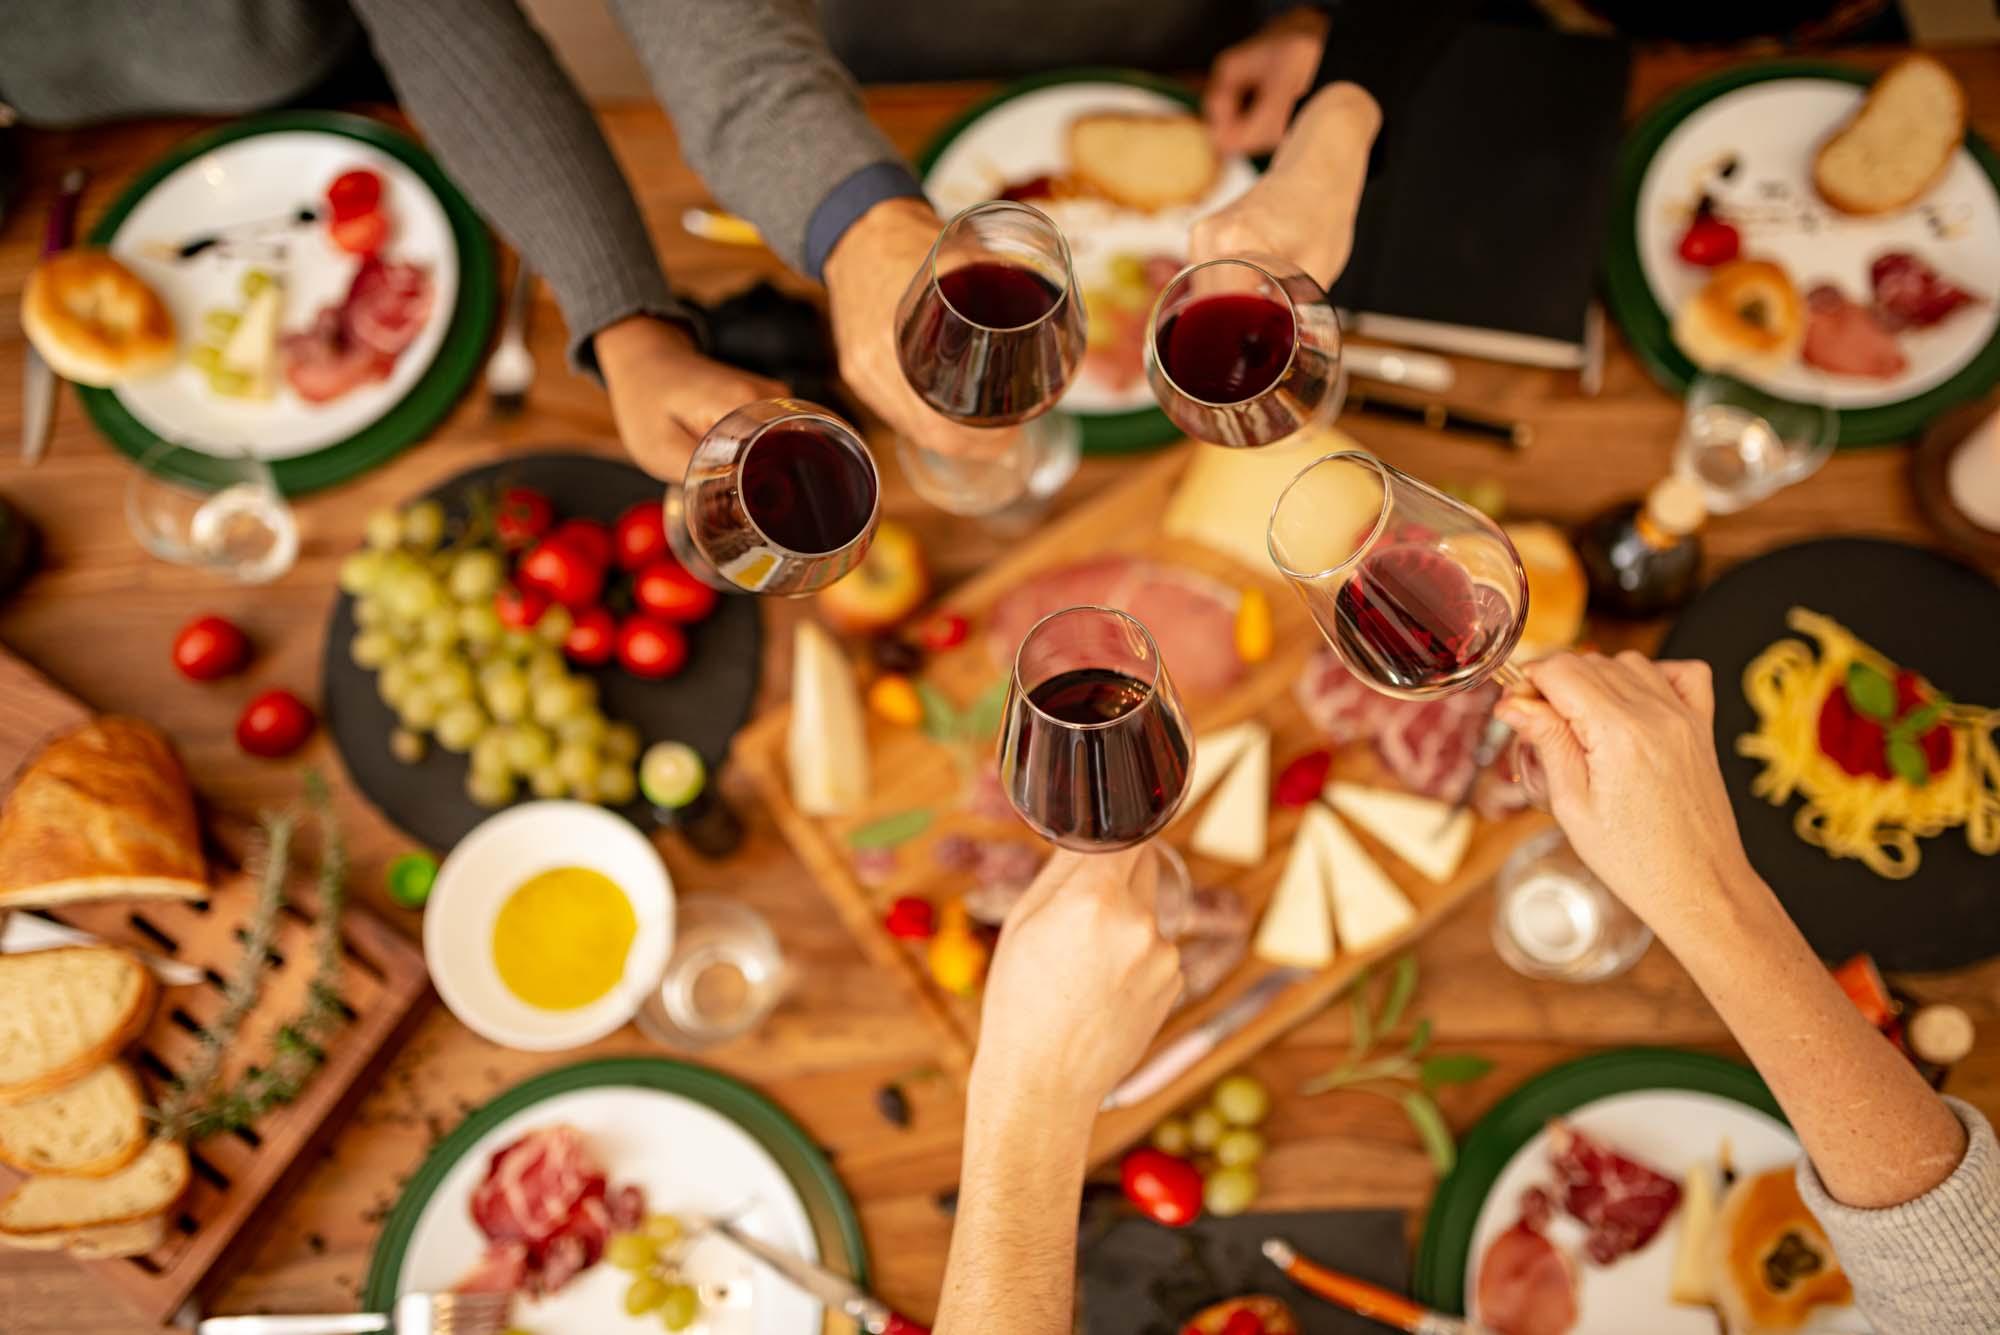 Corsi Di Cucina Formazione Manageriale a Catania